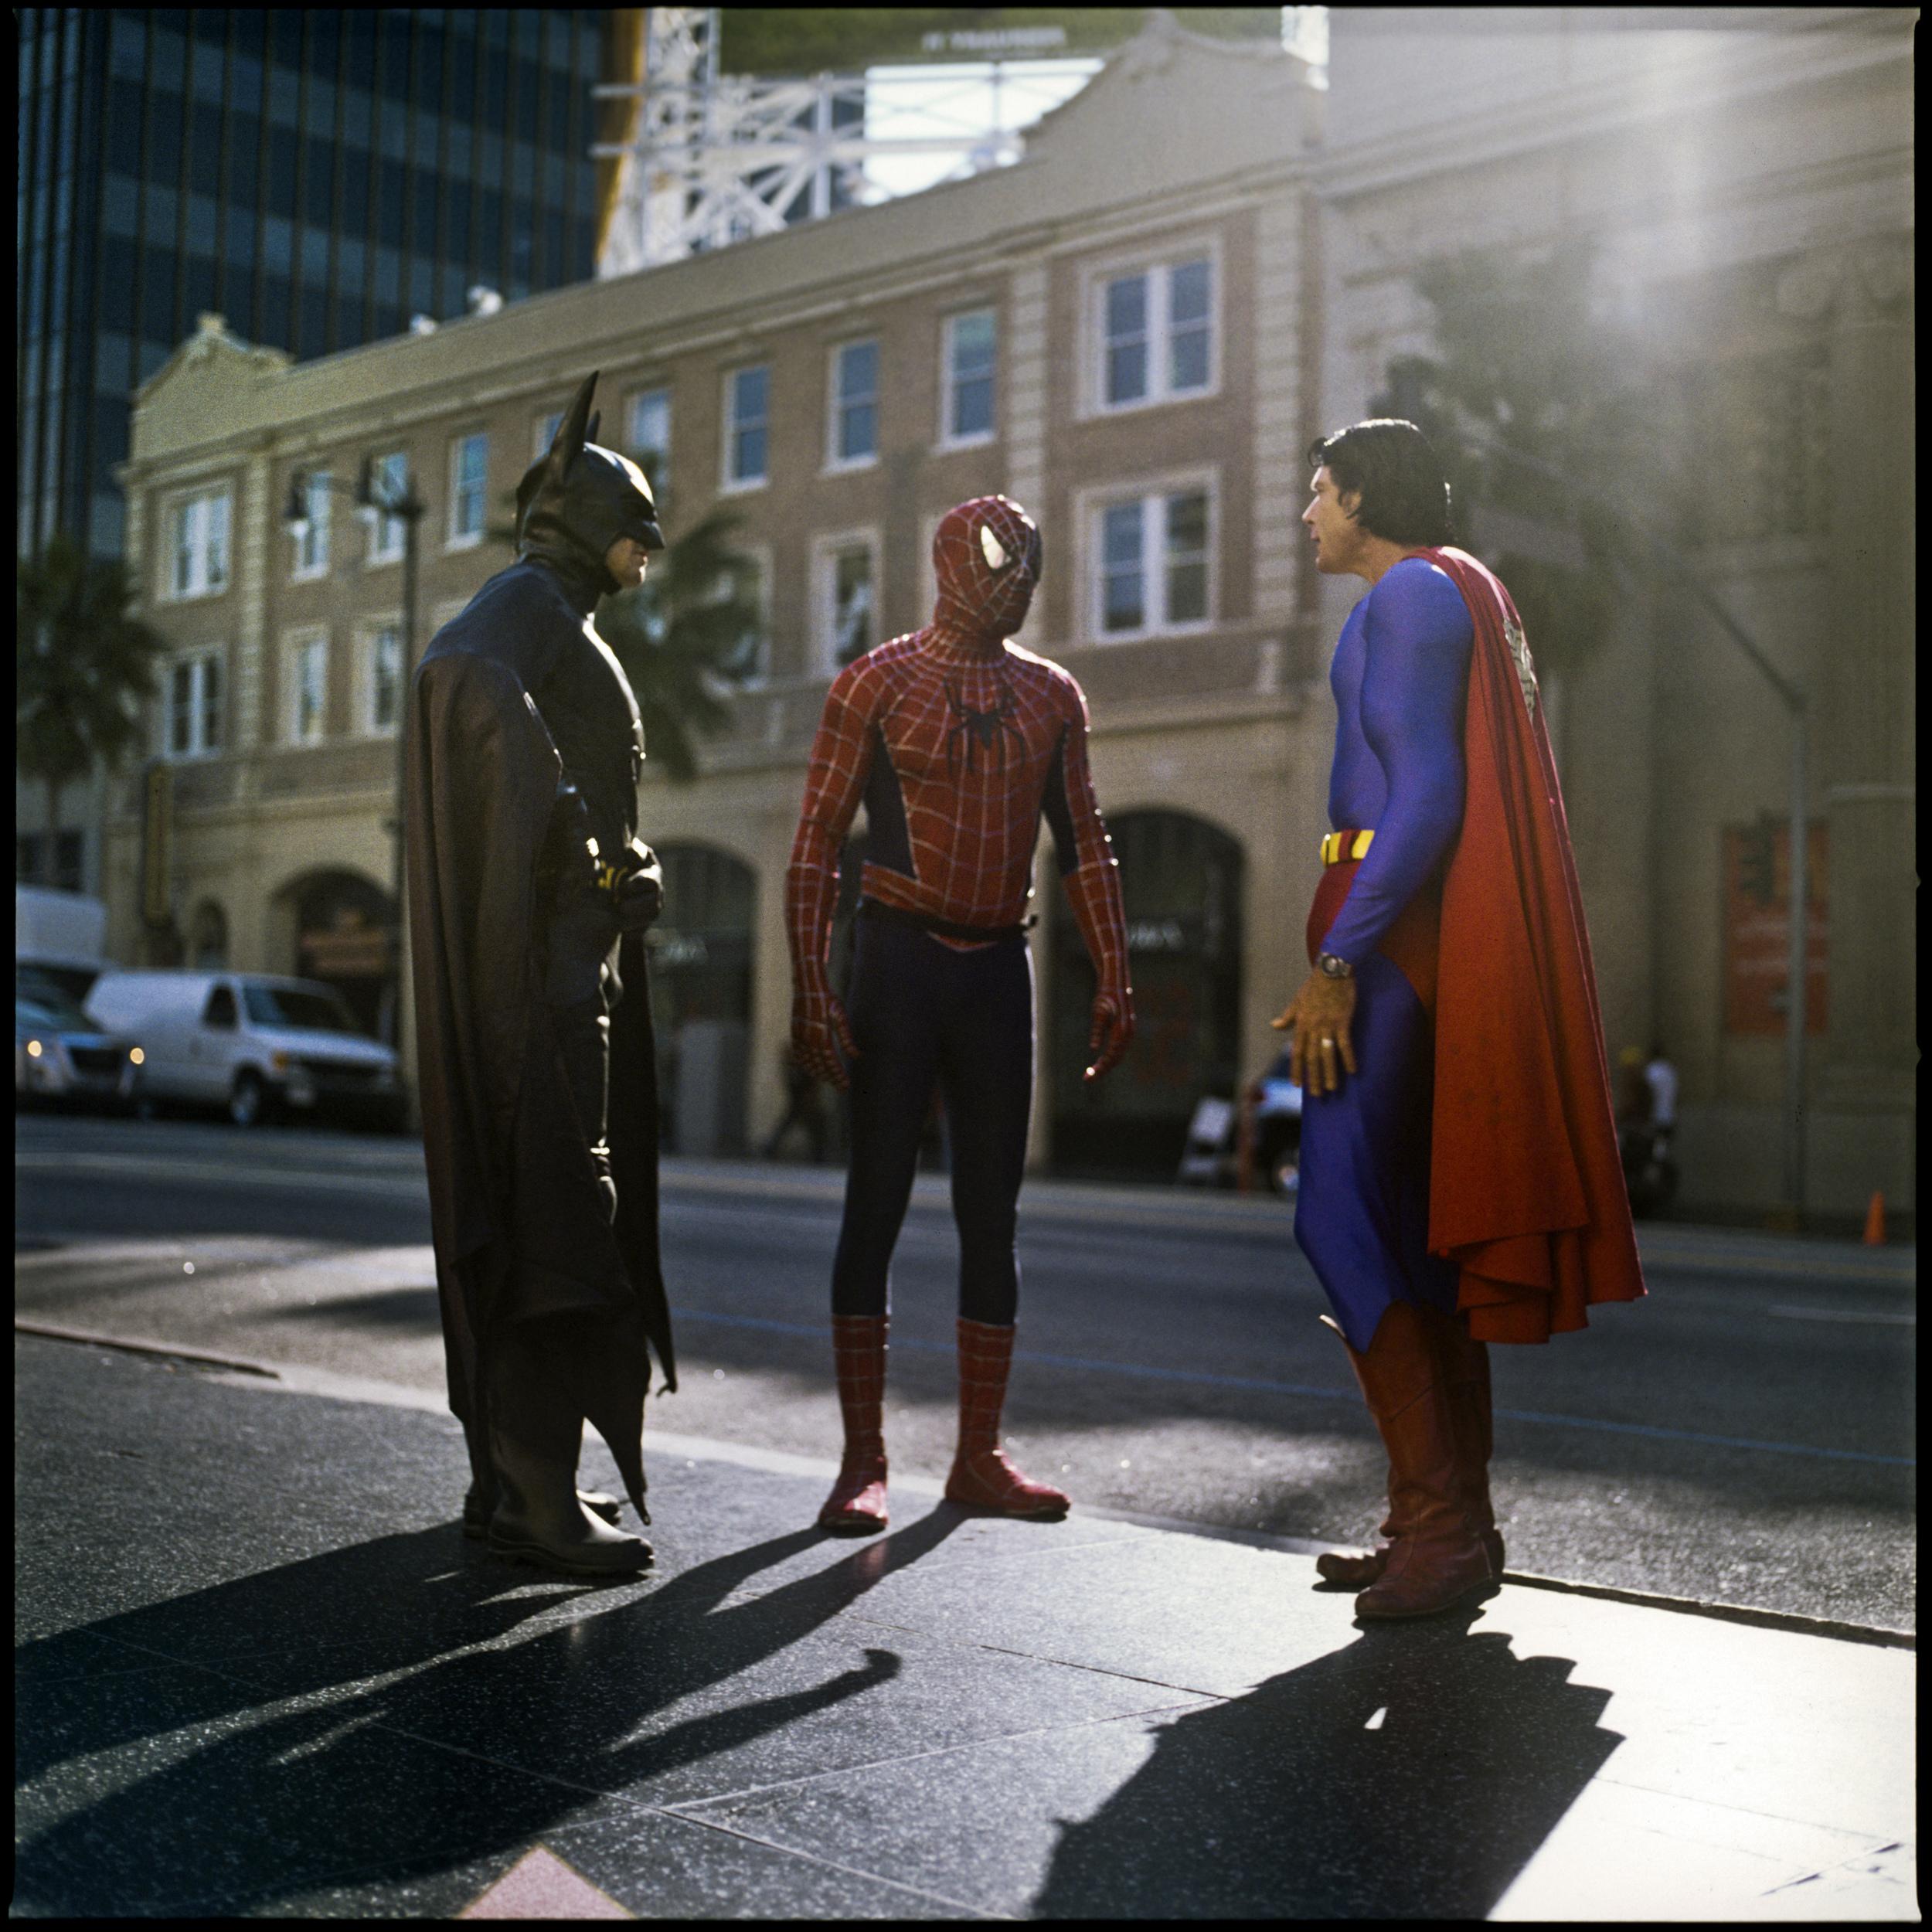 SUPERMAN by Zack Canepari & Drea Cooper